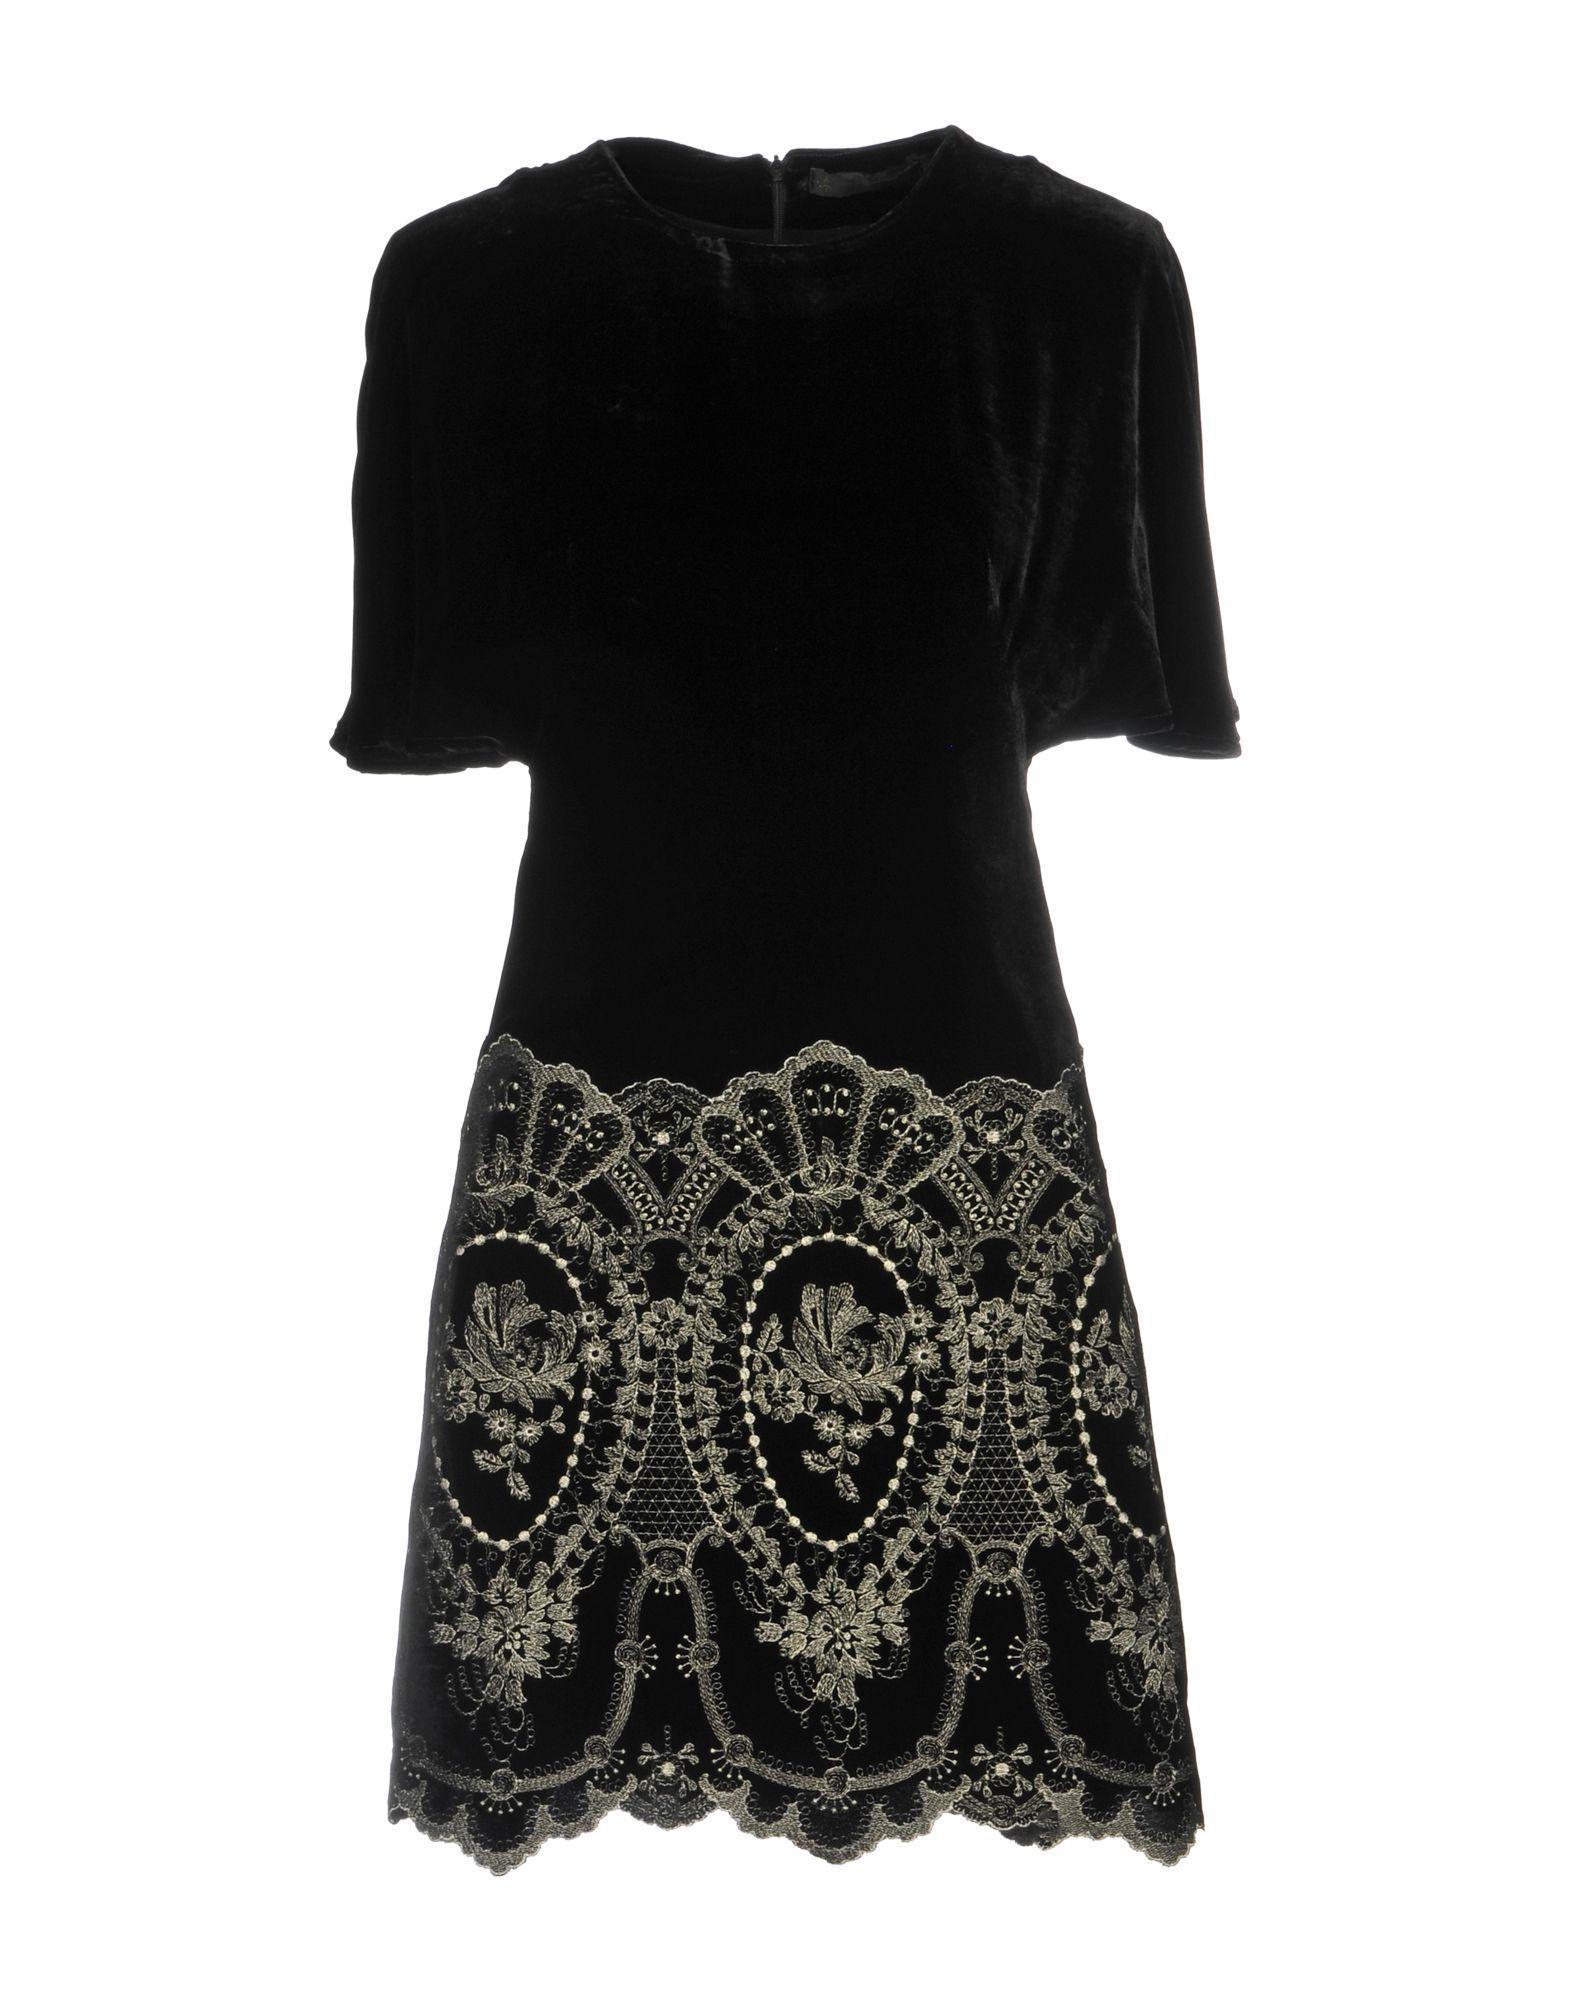 Plein Sud Black Short Sleeve Dress